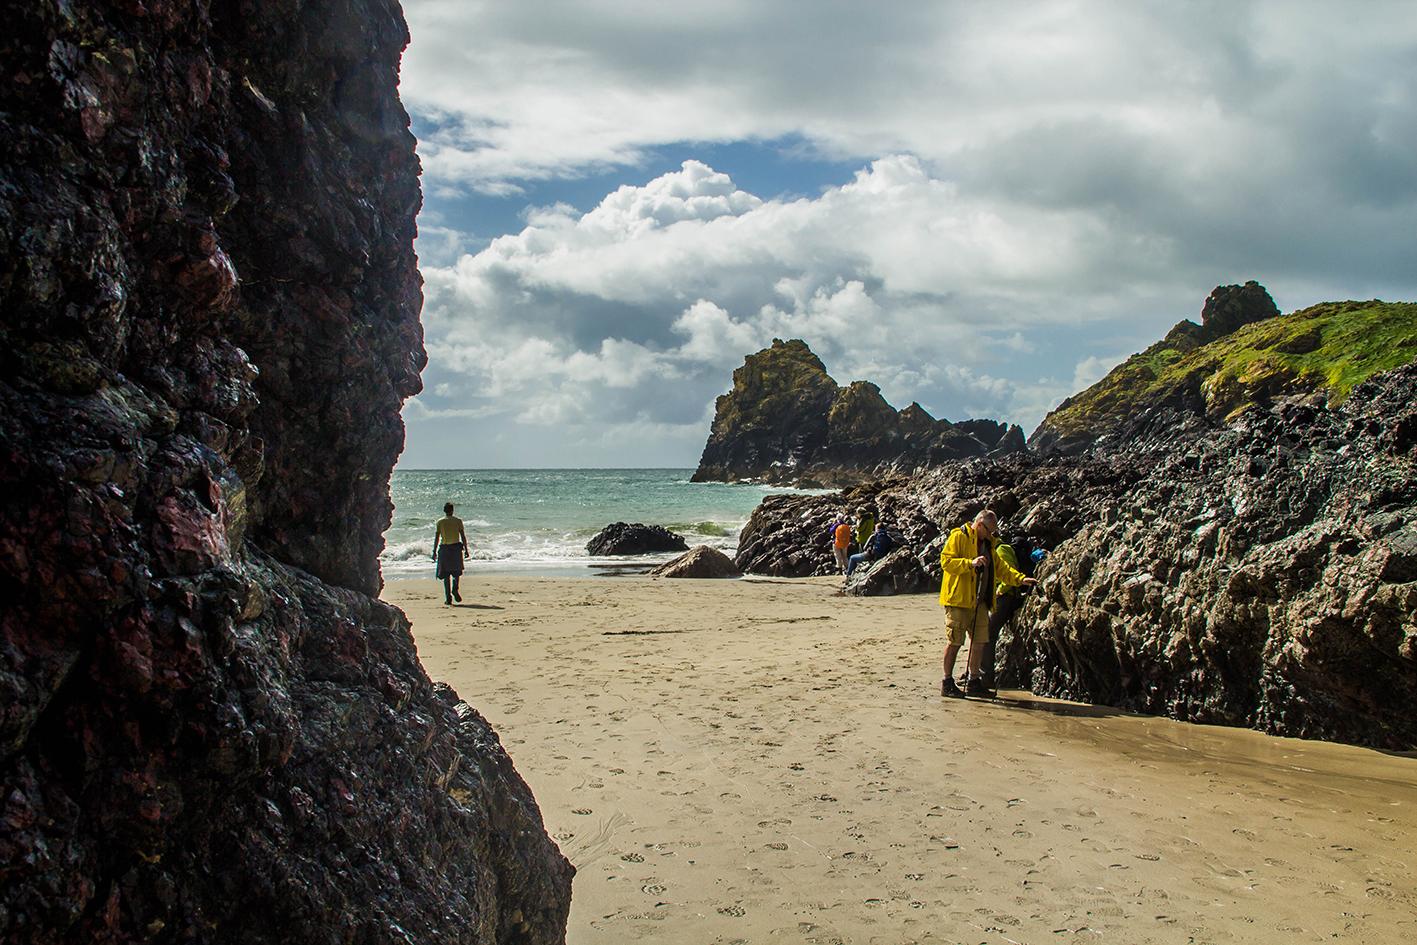 Vid Kynance Cove kan man vid lågvattnet komma ner bland klipporna och vandra runt.